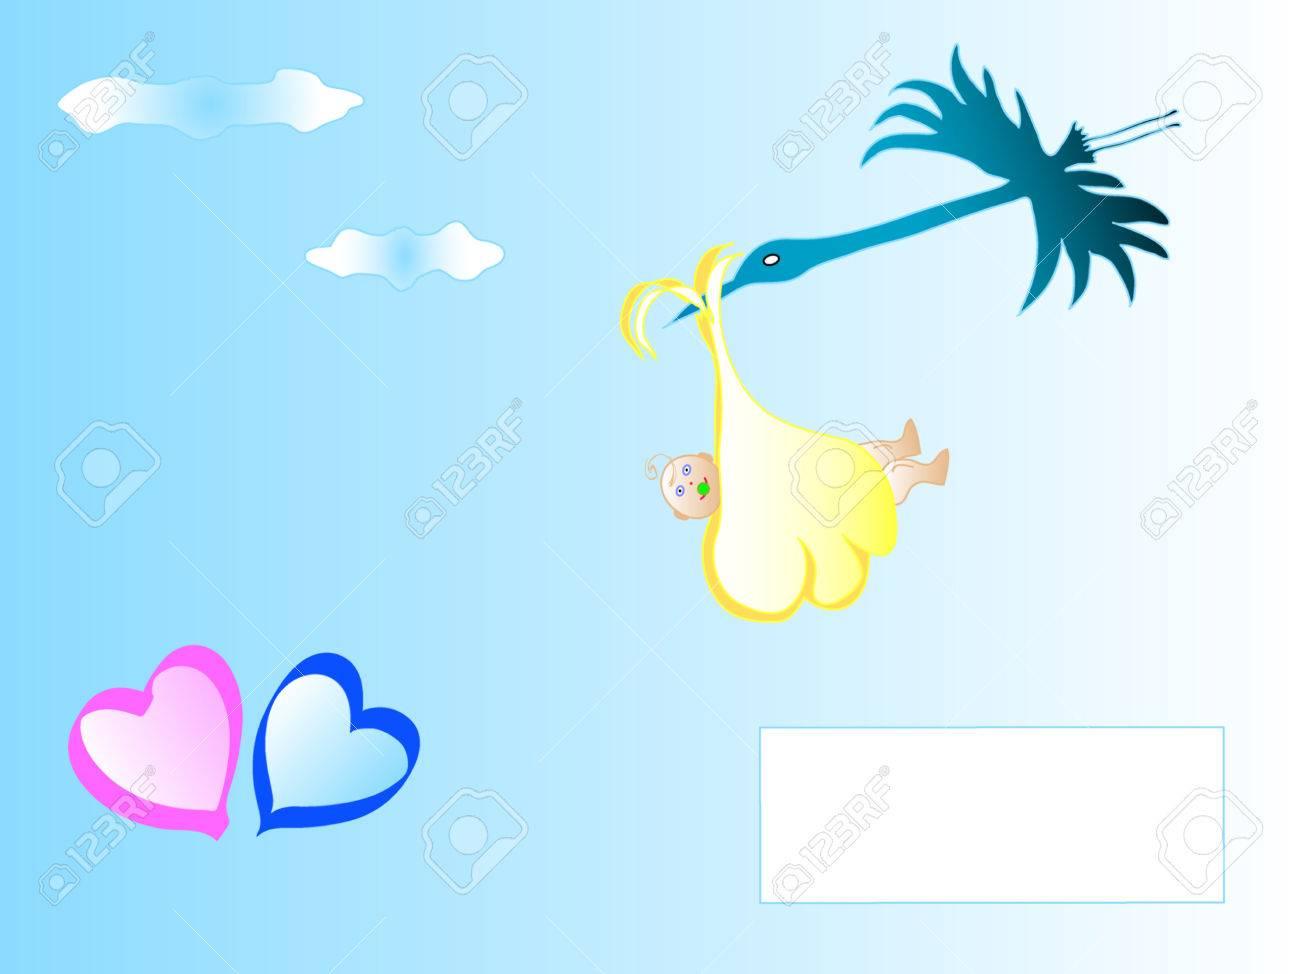 Cigüeña De Dibujos Animados Lindo Llevando A Un Bebé Recién Nacido ...